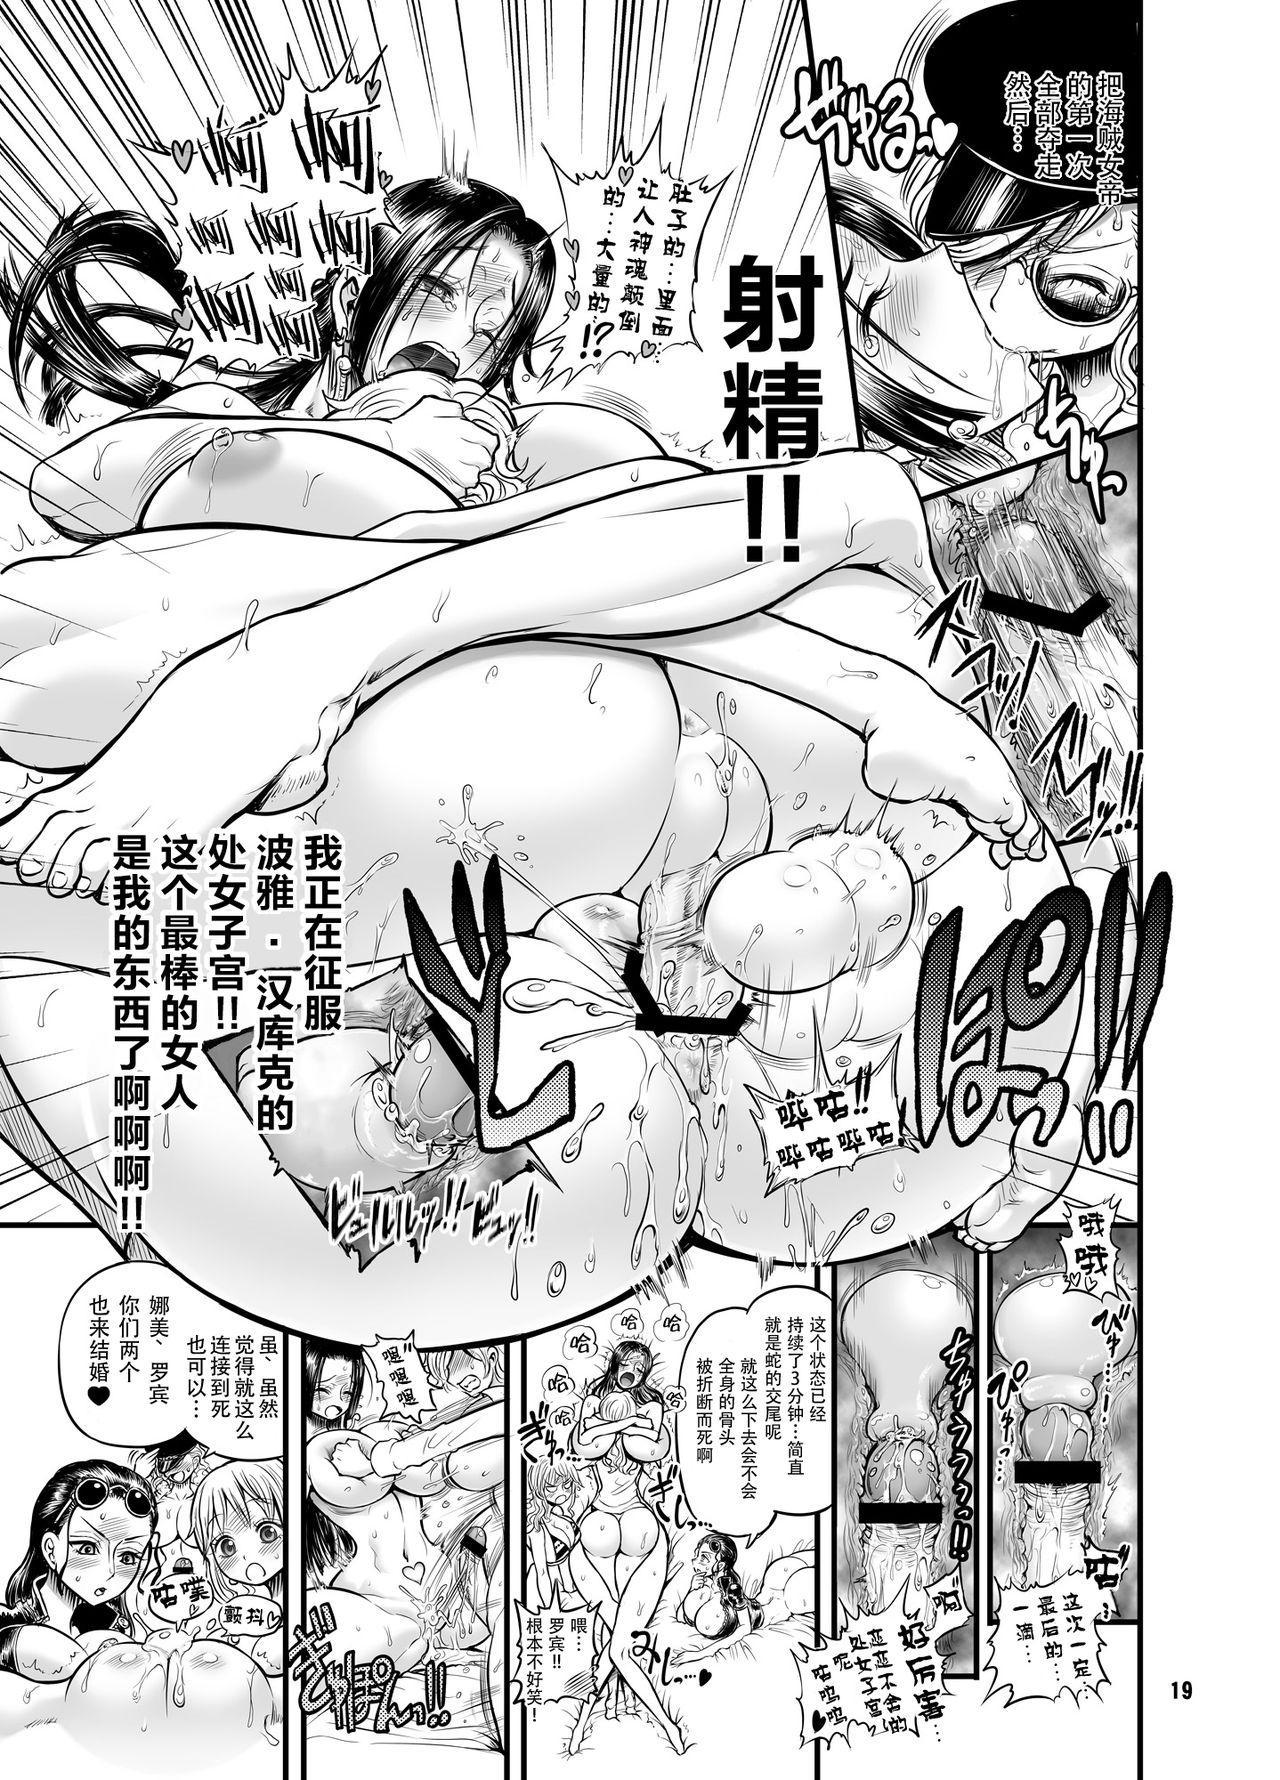 Midarezaki Kaizoku Jotei 18